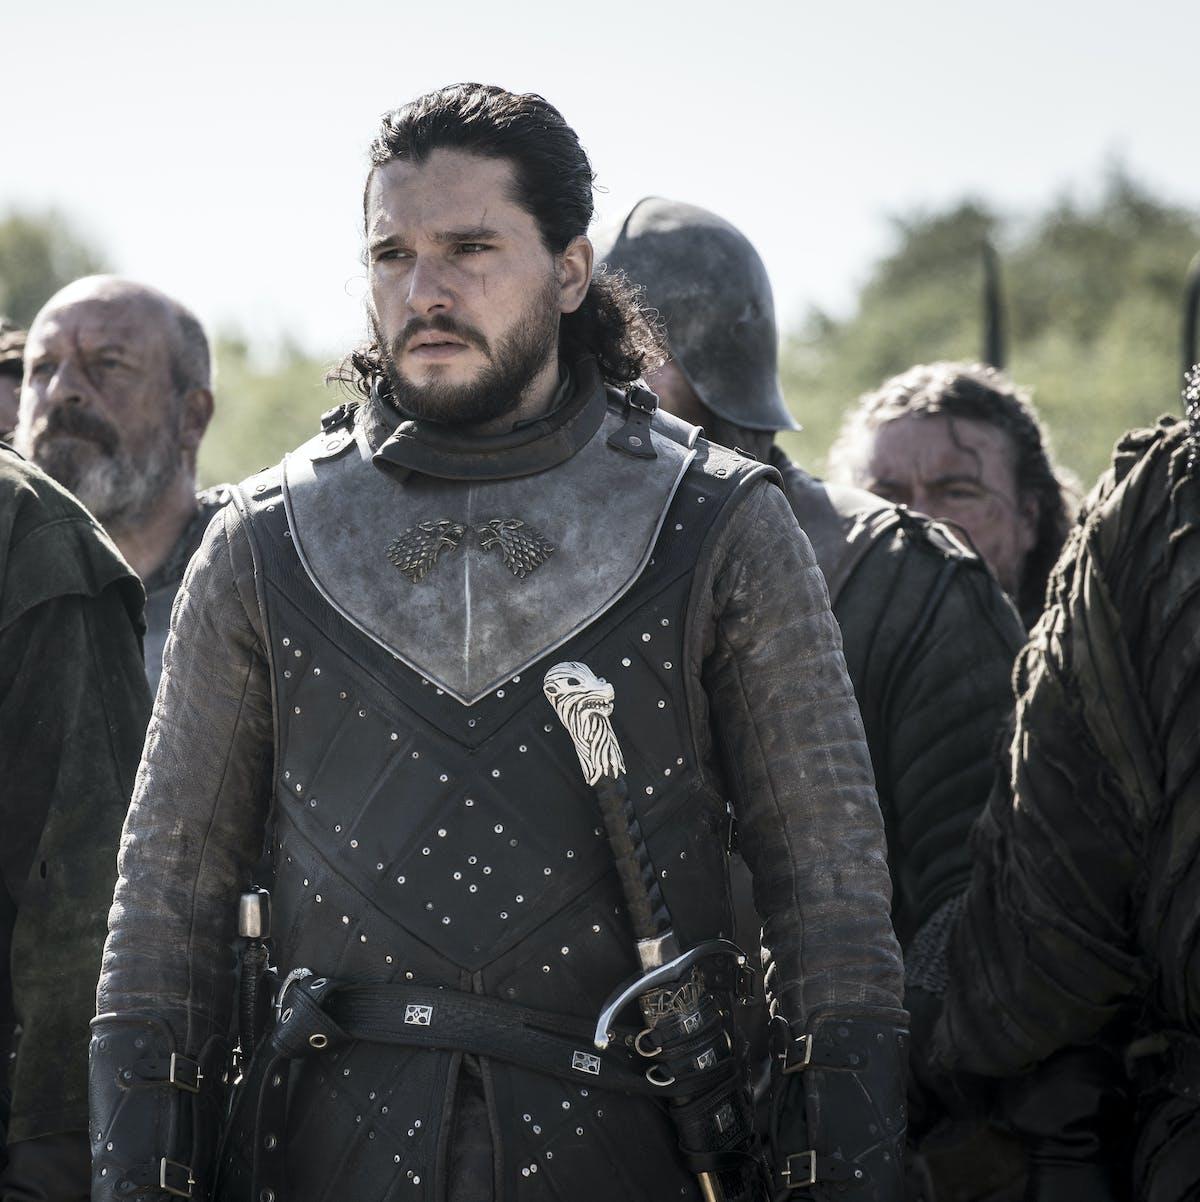 'Game of Thrones' Season 8 Spoilers: Deleted Reddit Leak May Reveal Ending